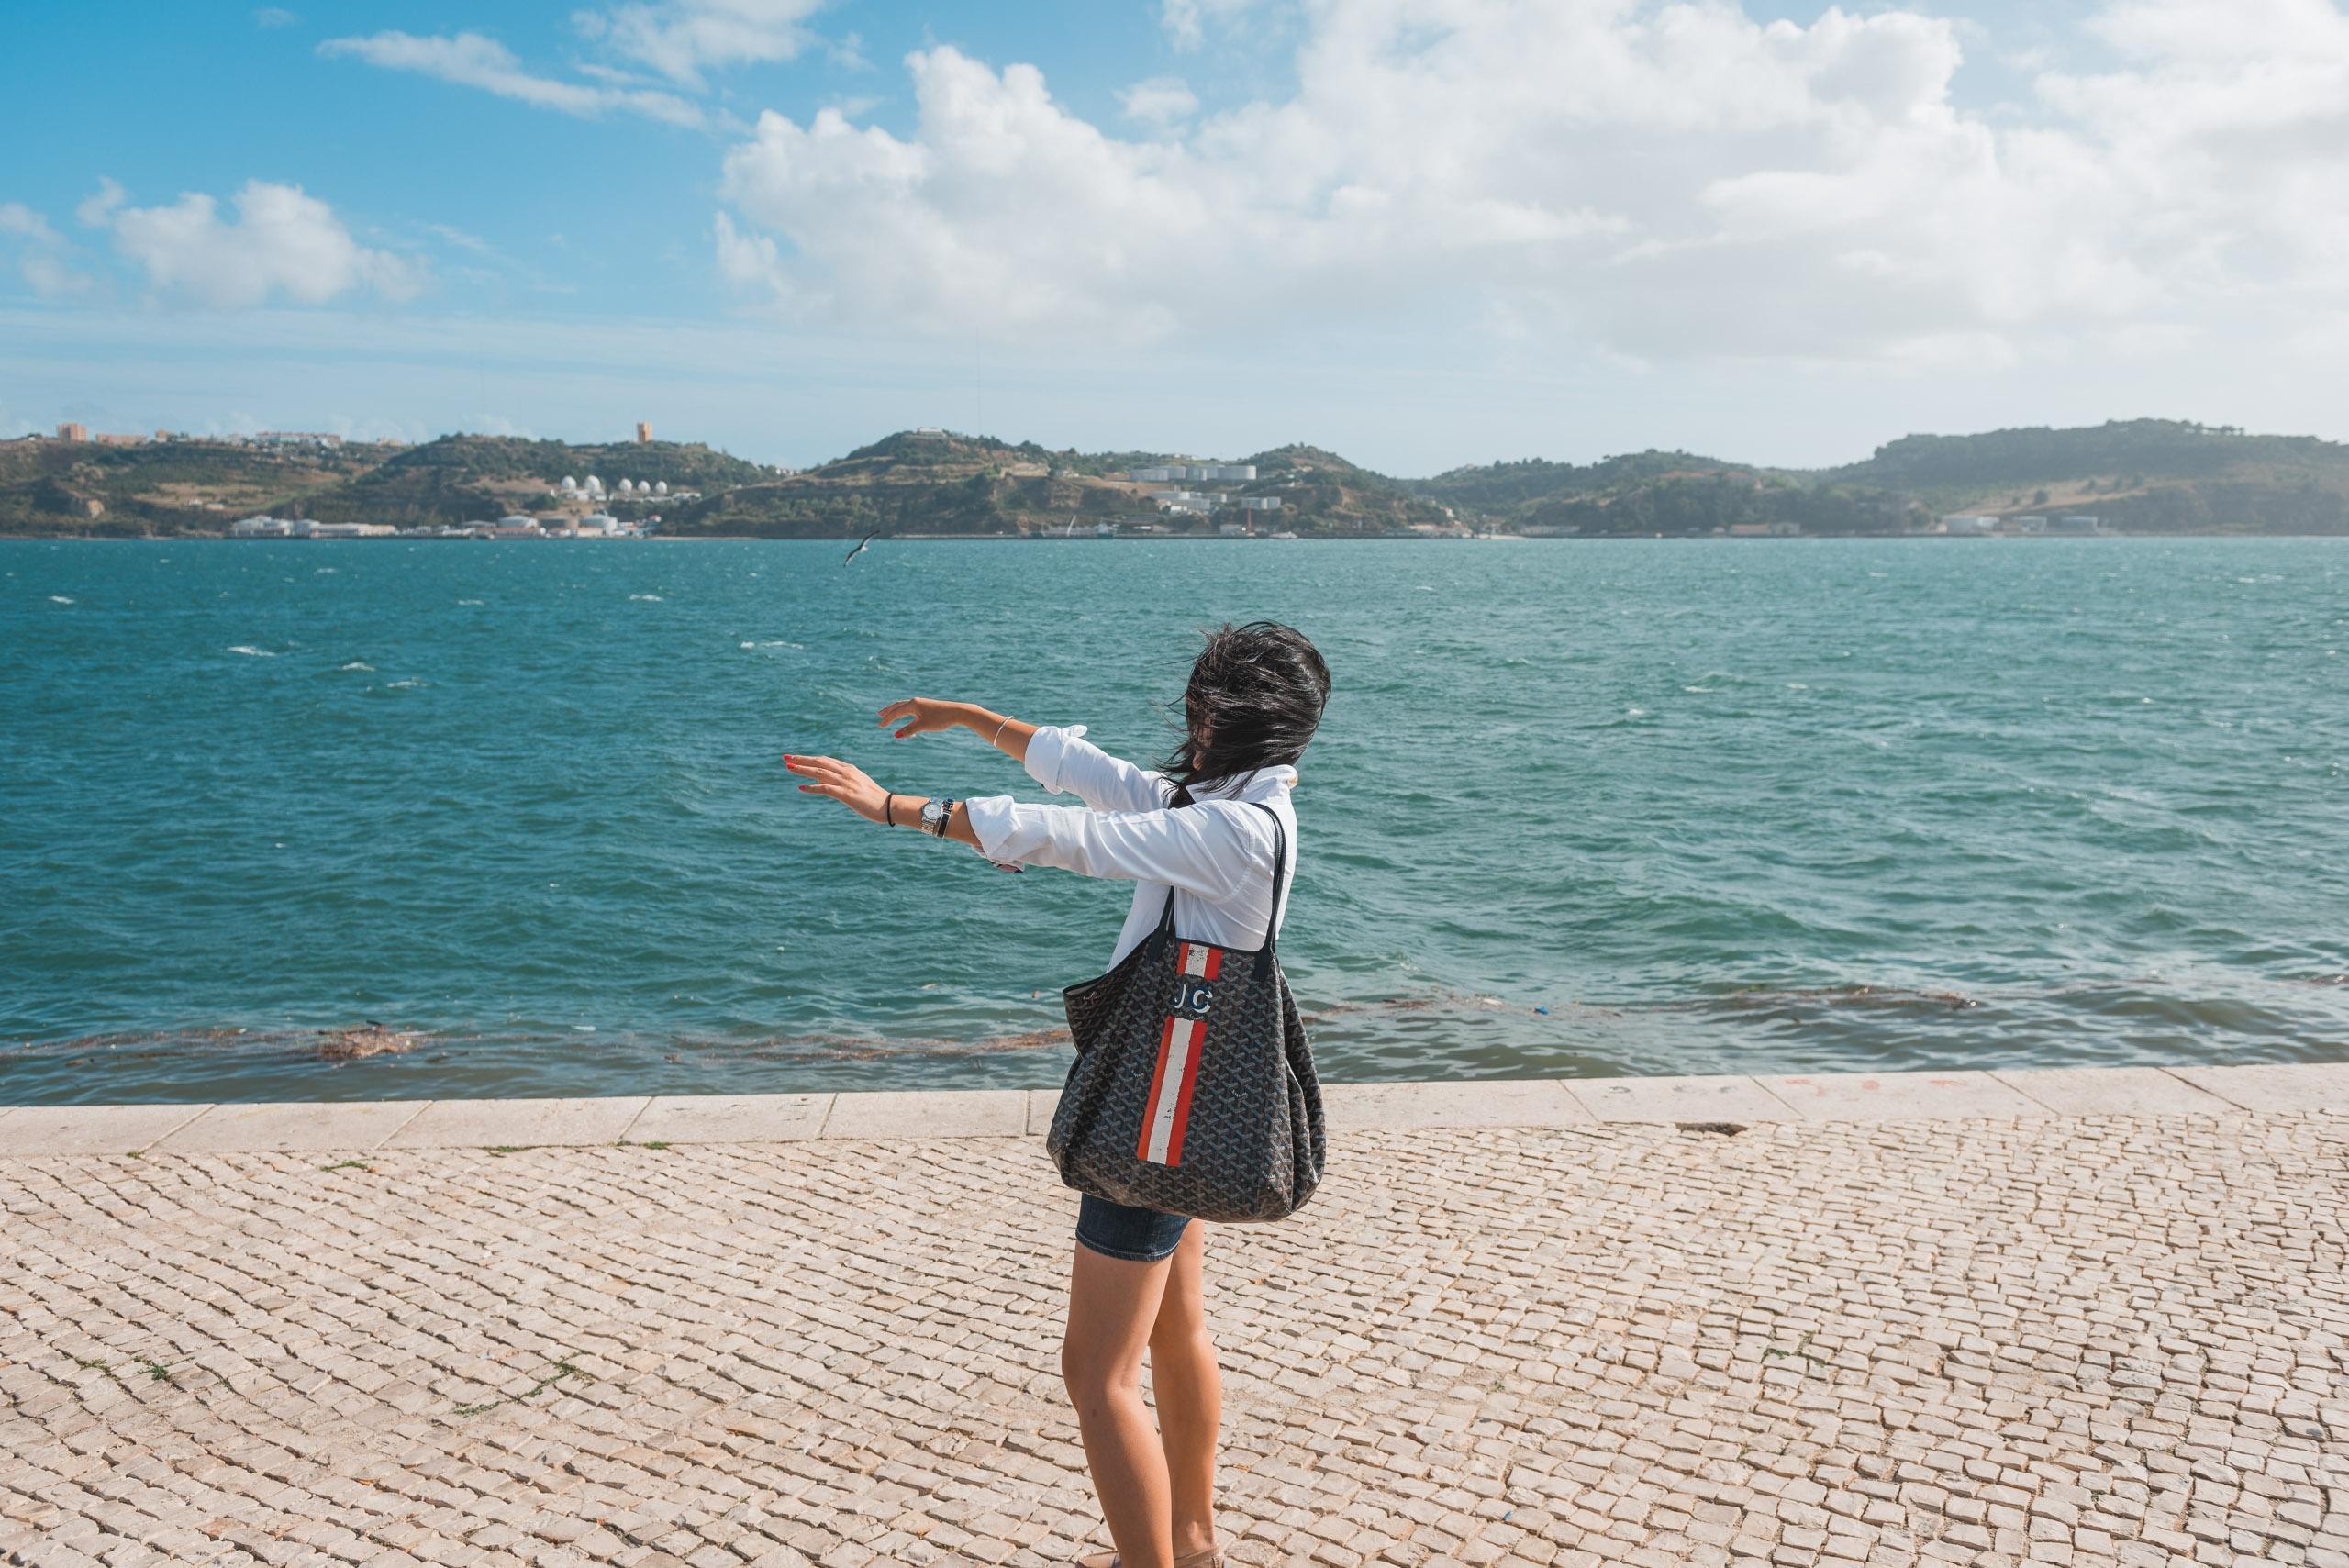 A Breezy Day in Lisbon